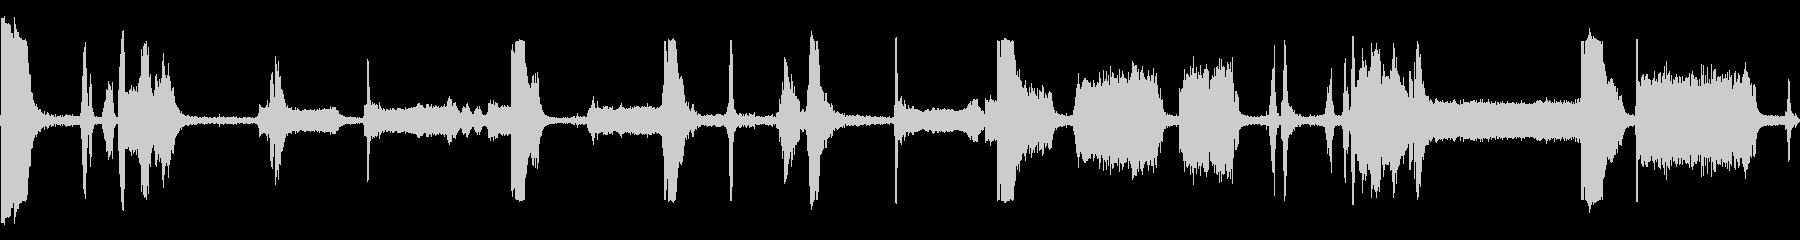 モーター油圧リフトのストレスの未再生の波形